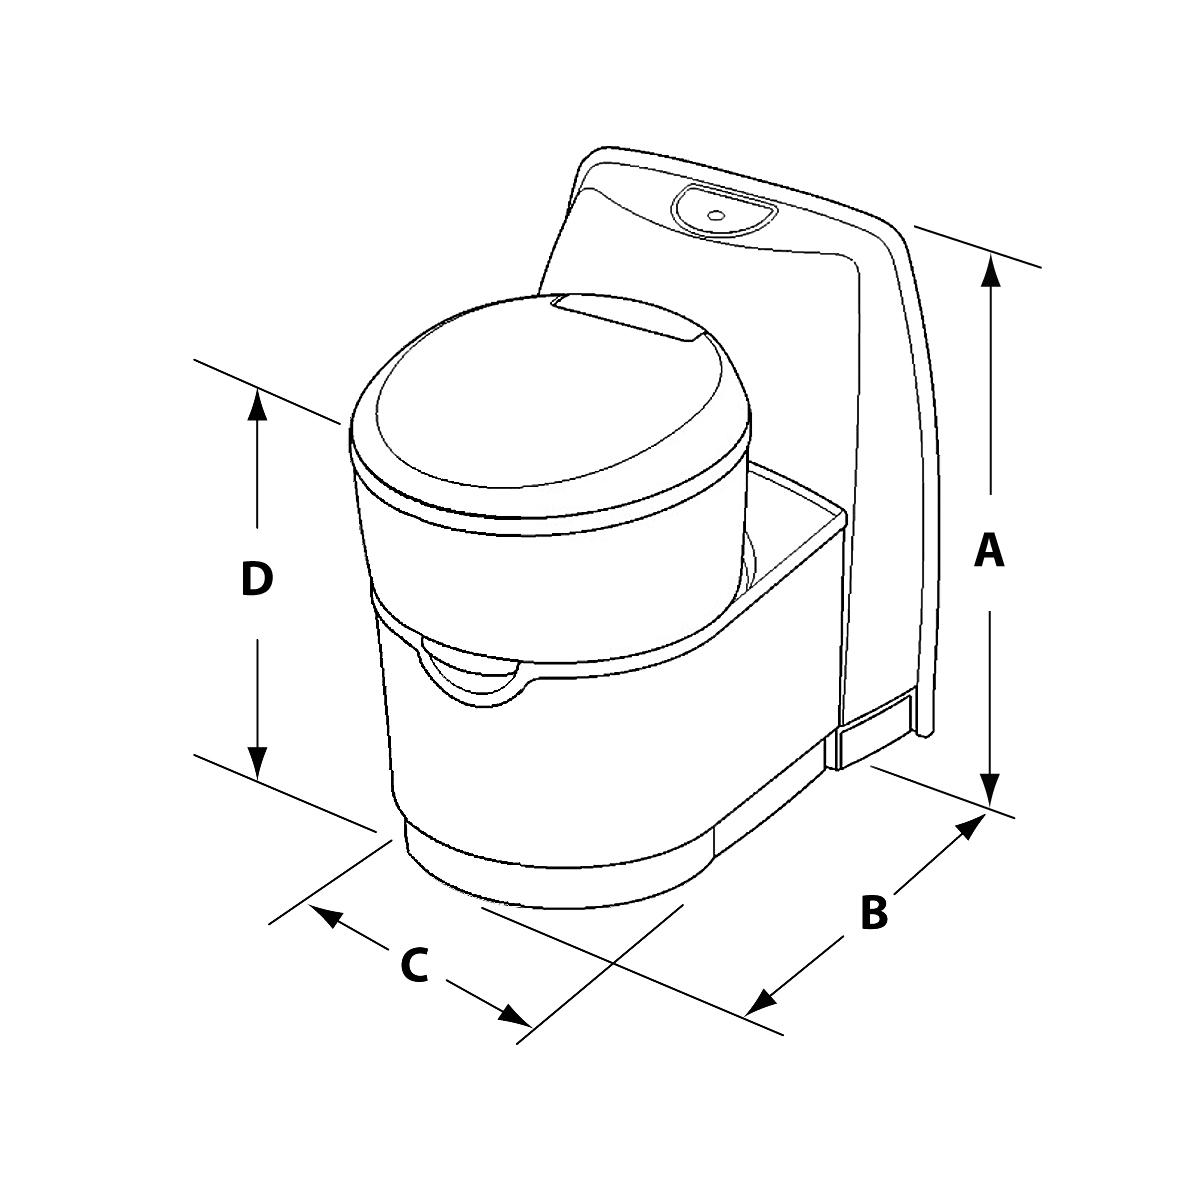 C220 S Cs Cw Cassette Toilets